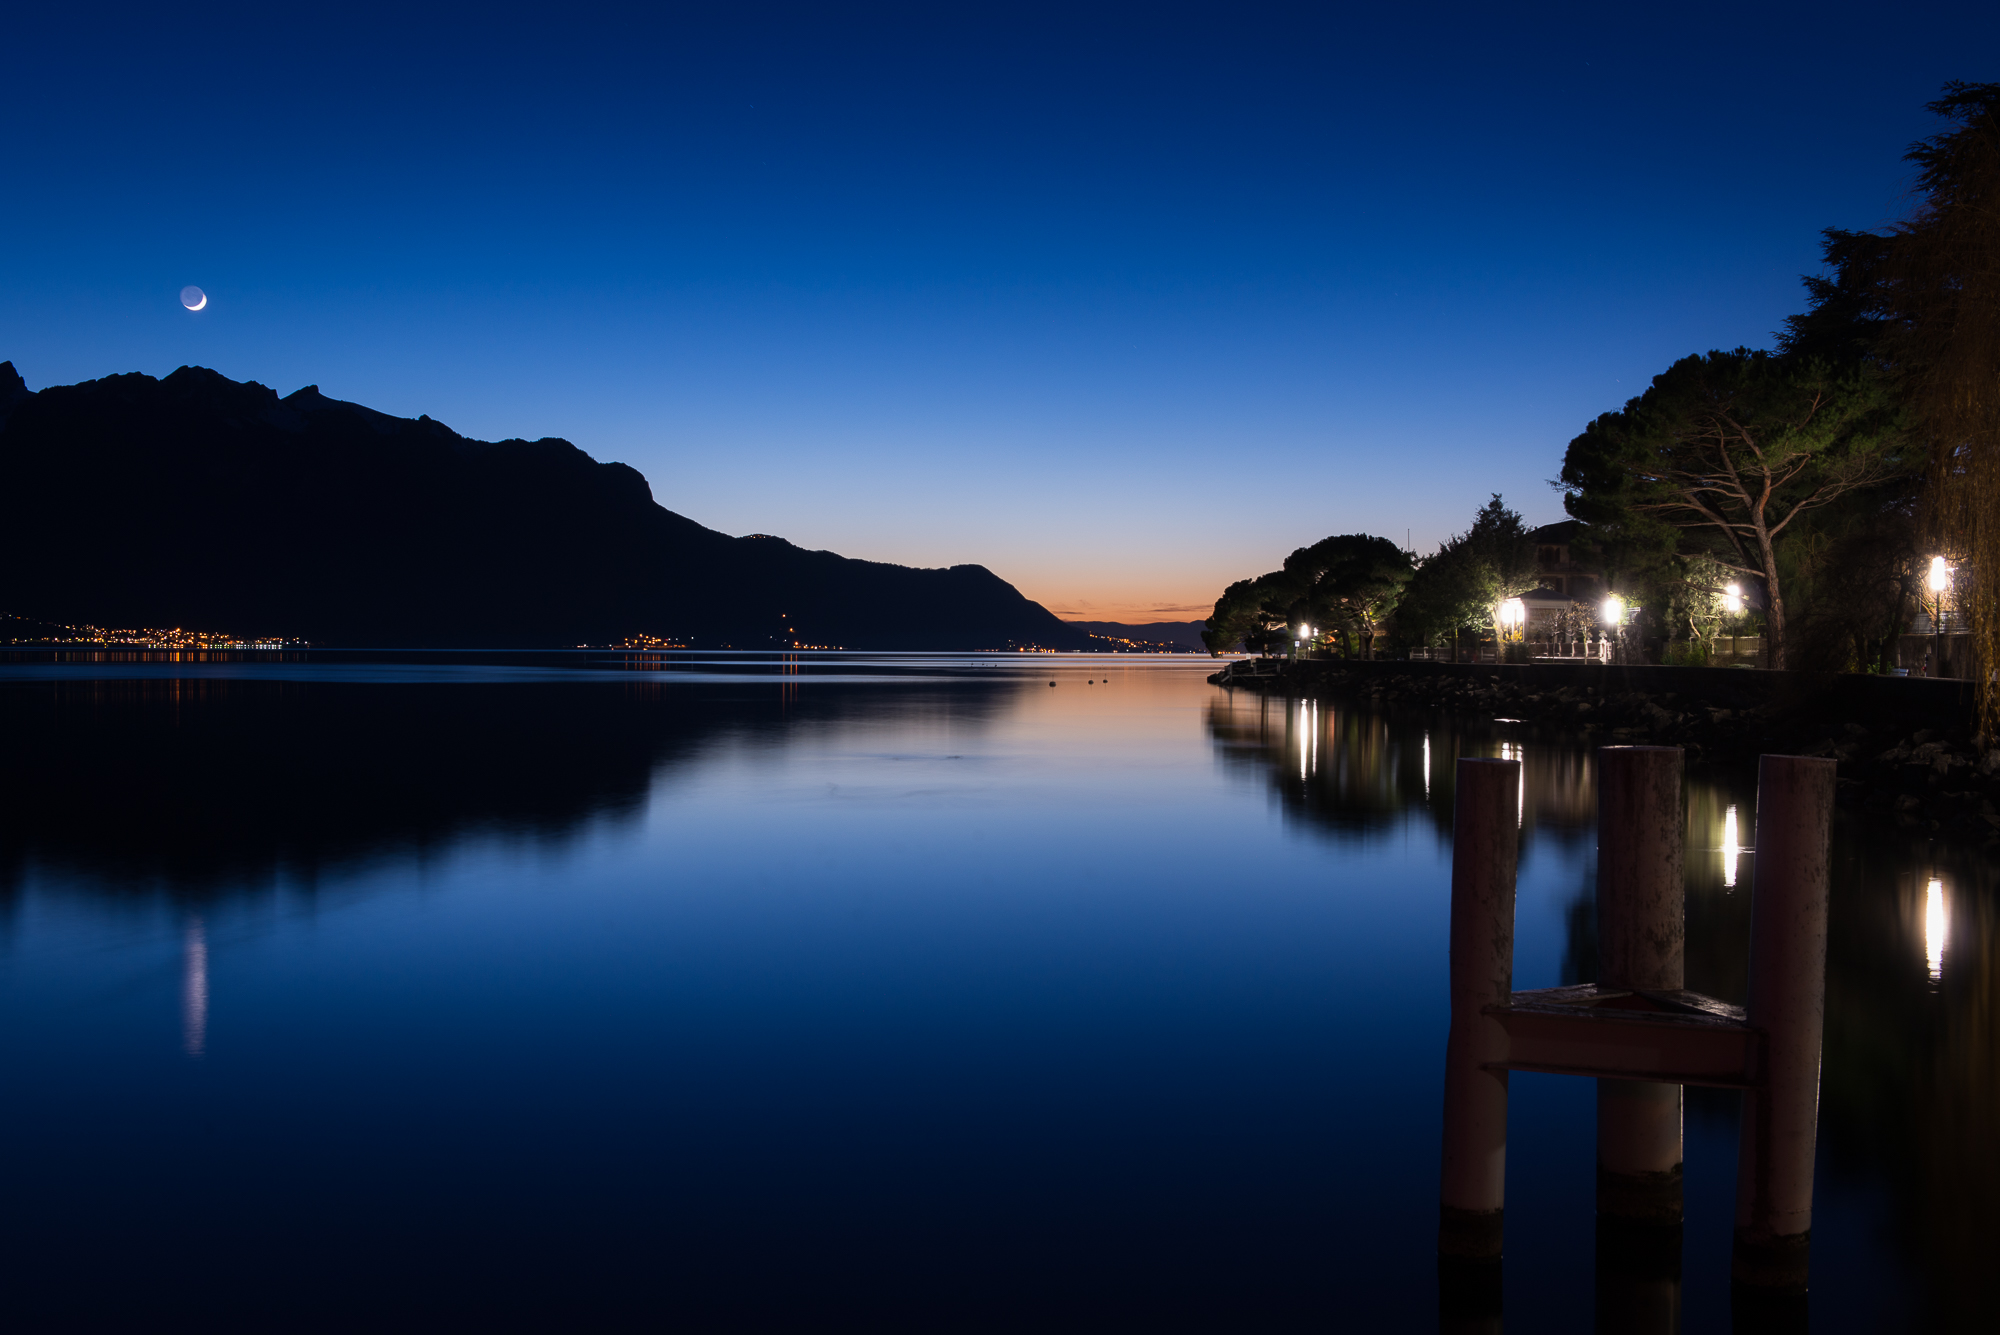 lac leman, montreaux, switzerland